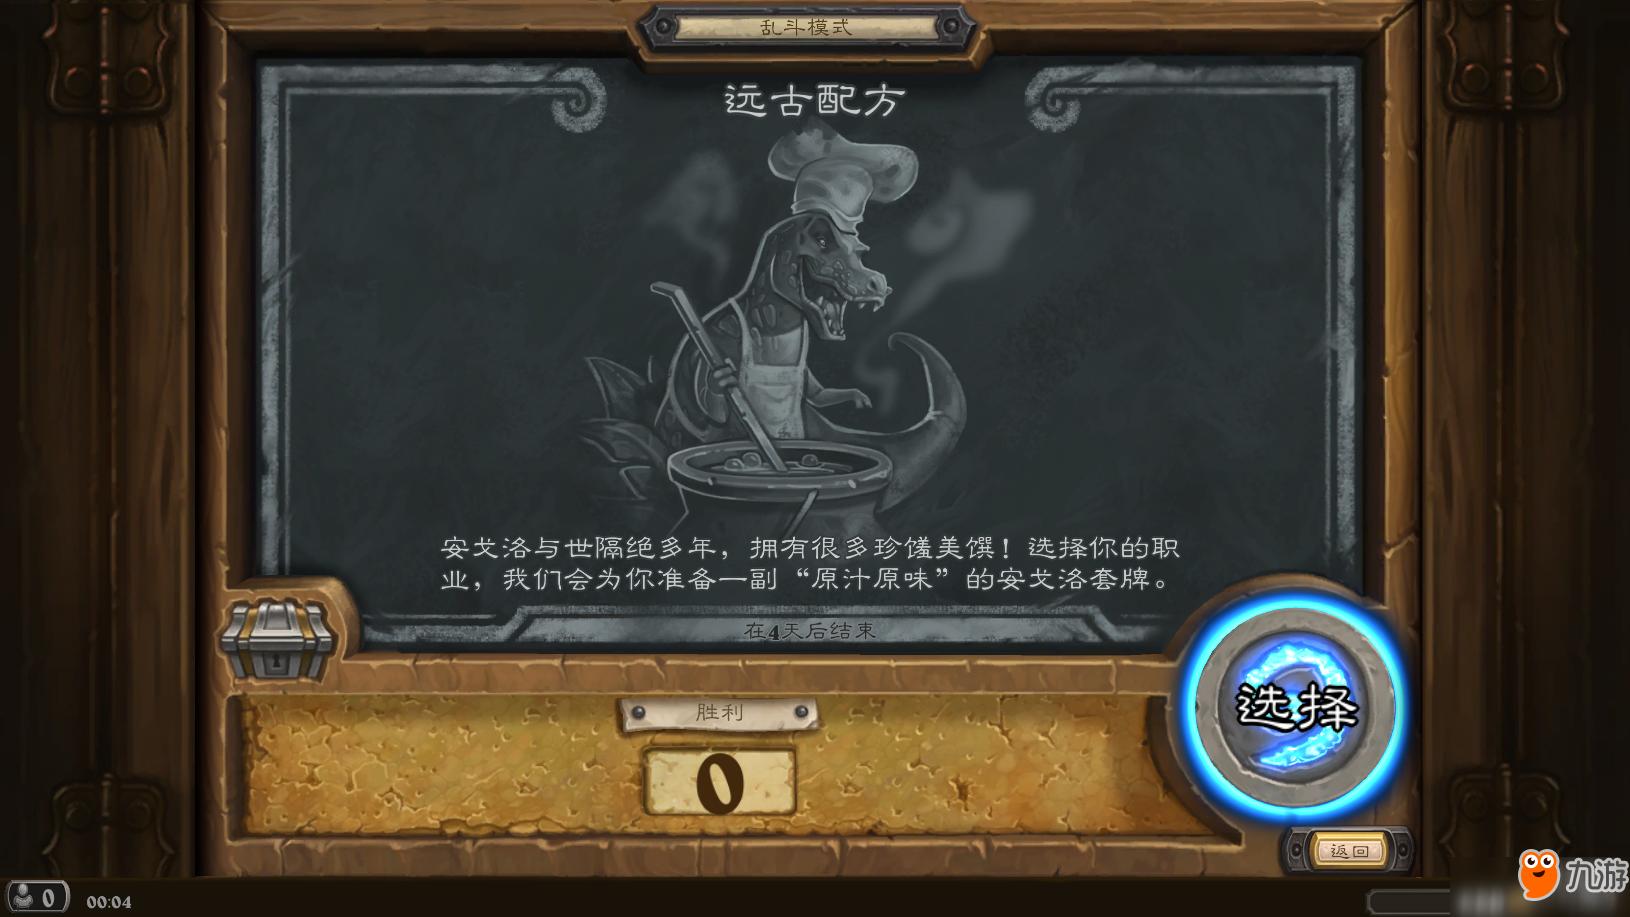 炉石传说乱斗远古配方怎么玩 乱斗远古配方玩法规则介绍